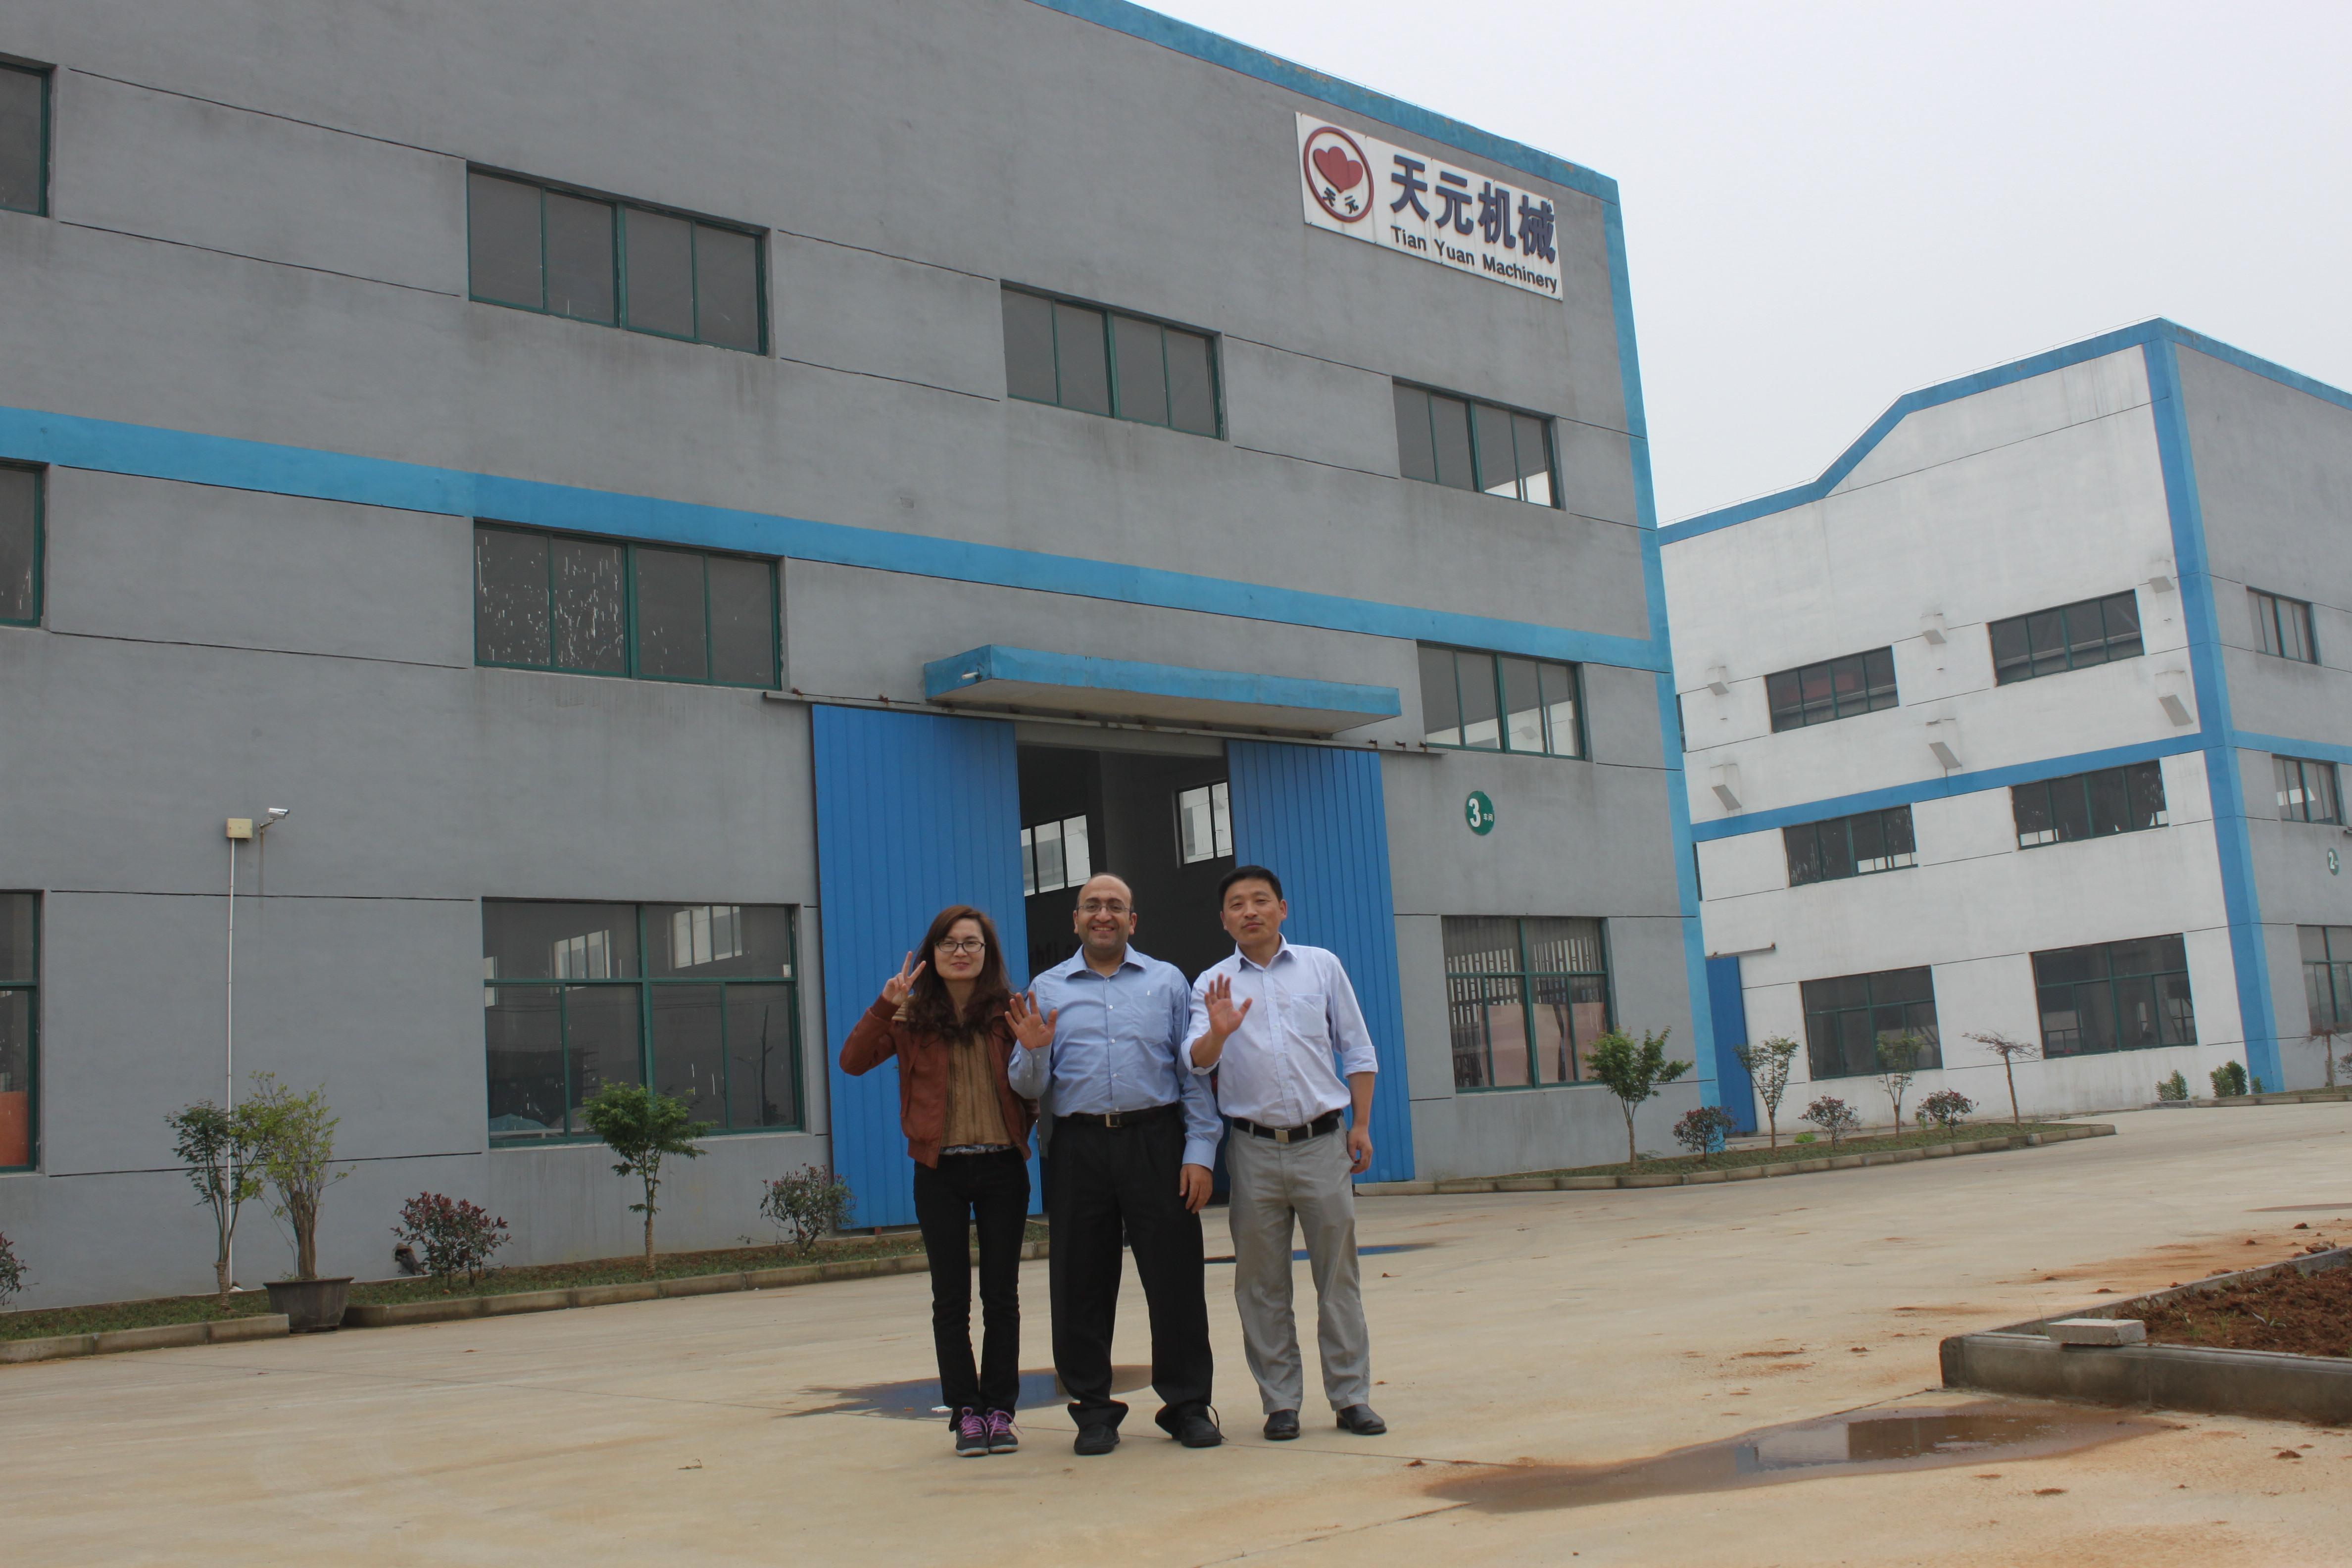 Os clientes do Egipto vieram à fábrica para ordenar as máquinas de quilting